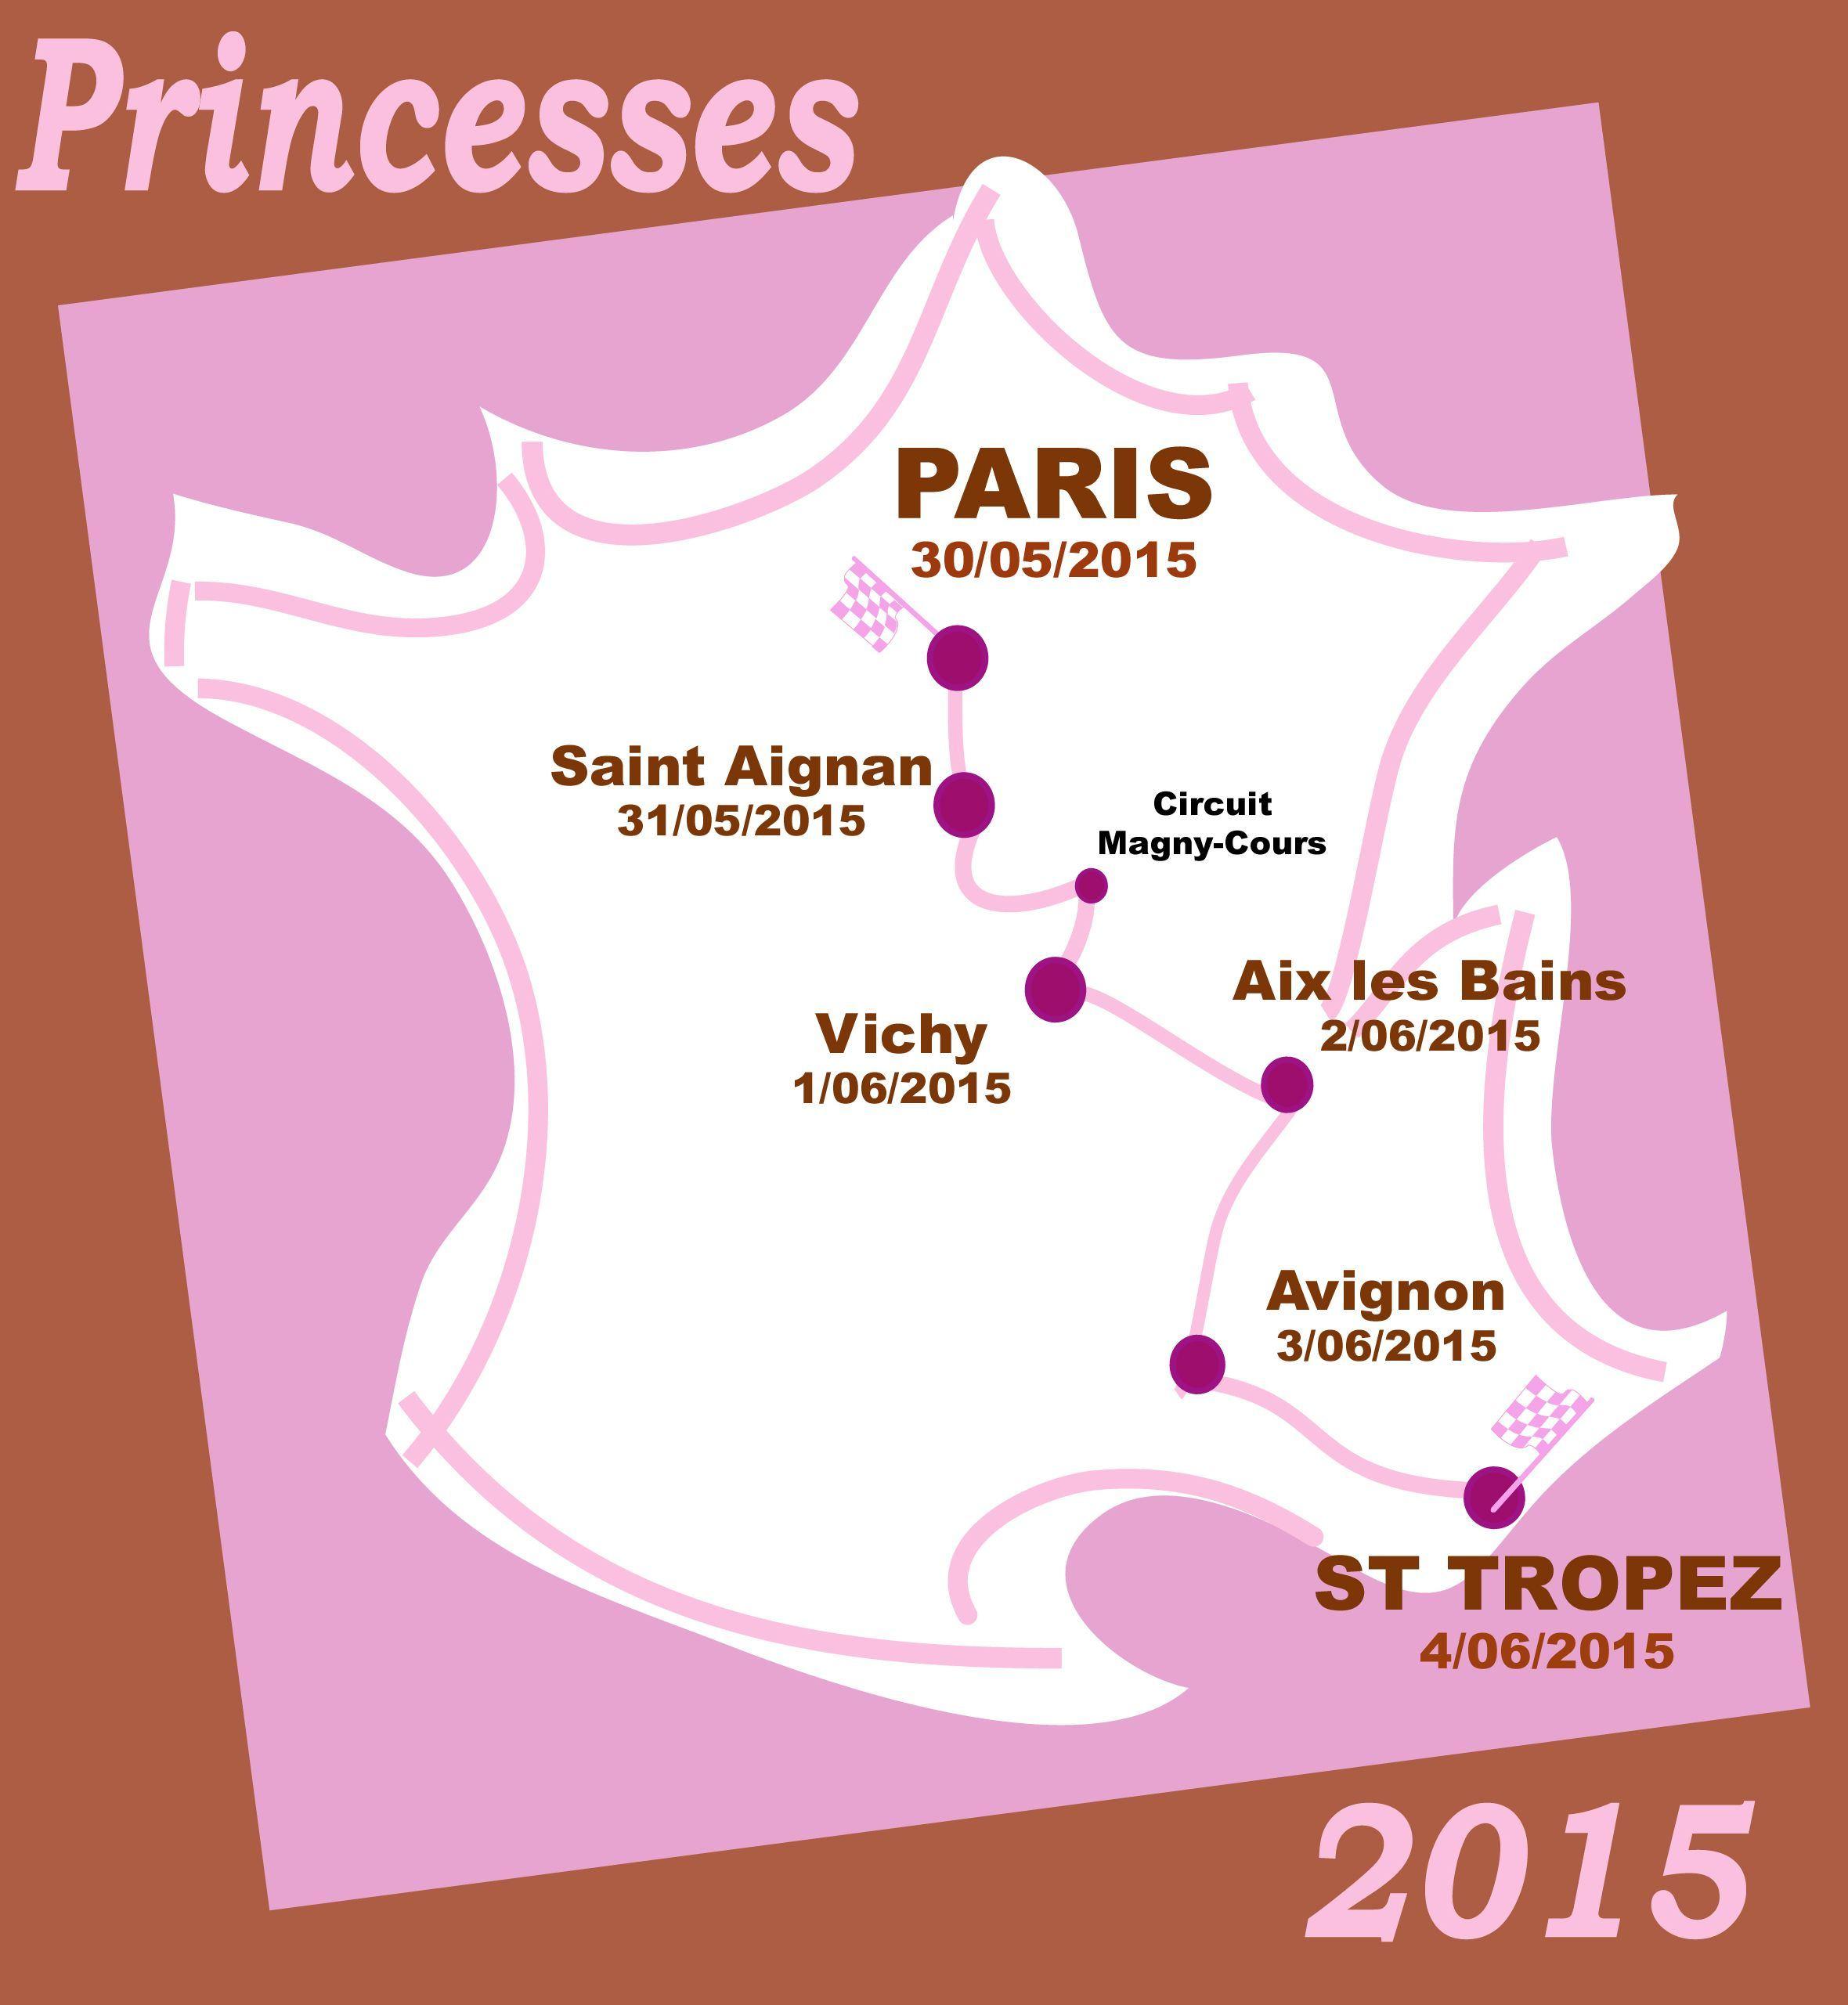 Rallye des princesses, rallye des princesses 2015, parcours, programme, paris, saint tropez, rallye régularite